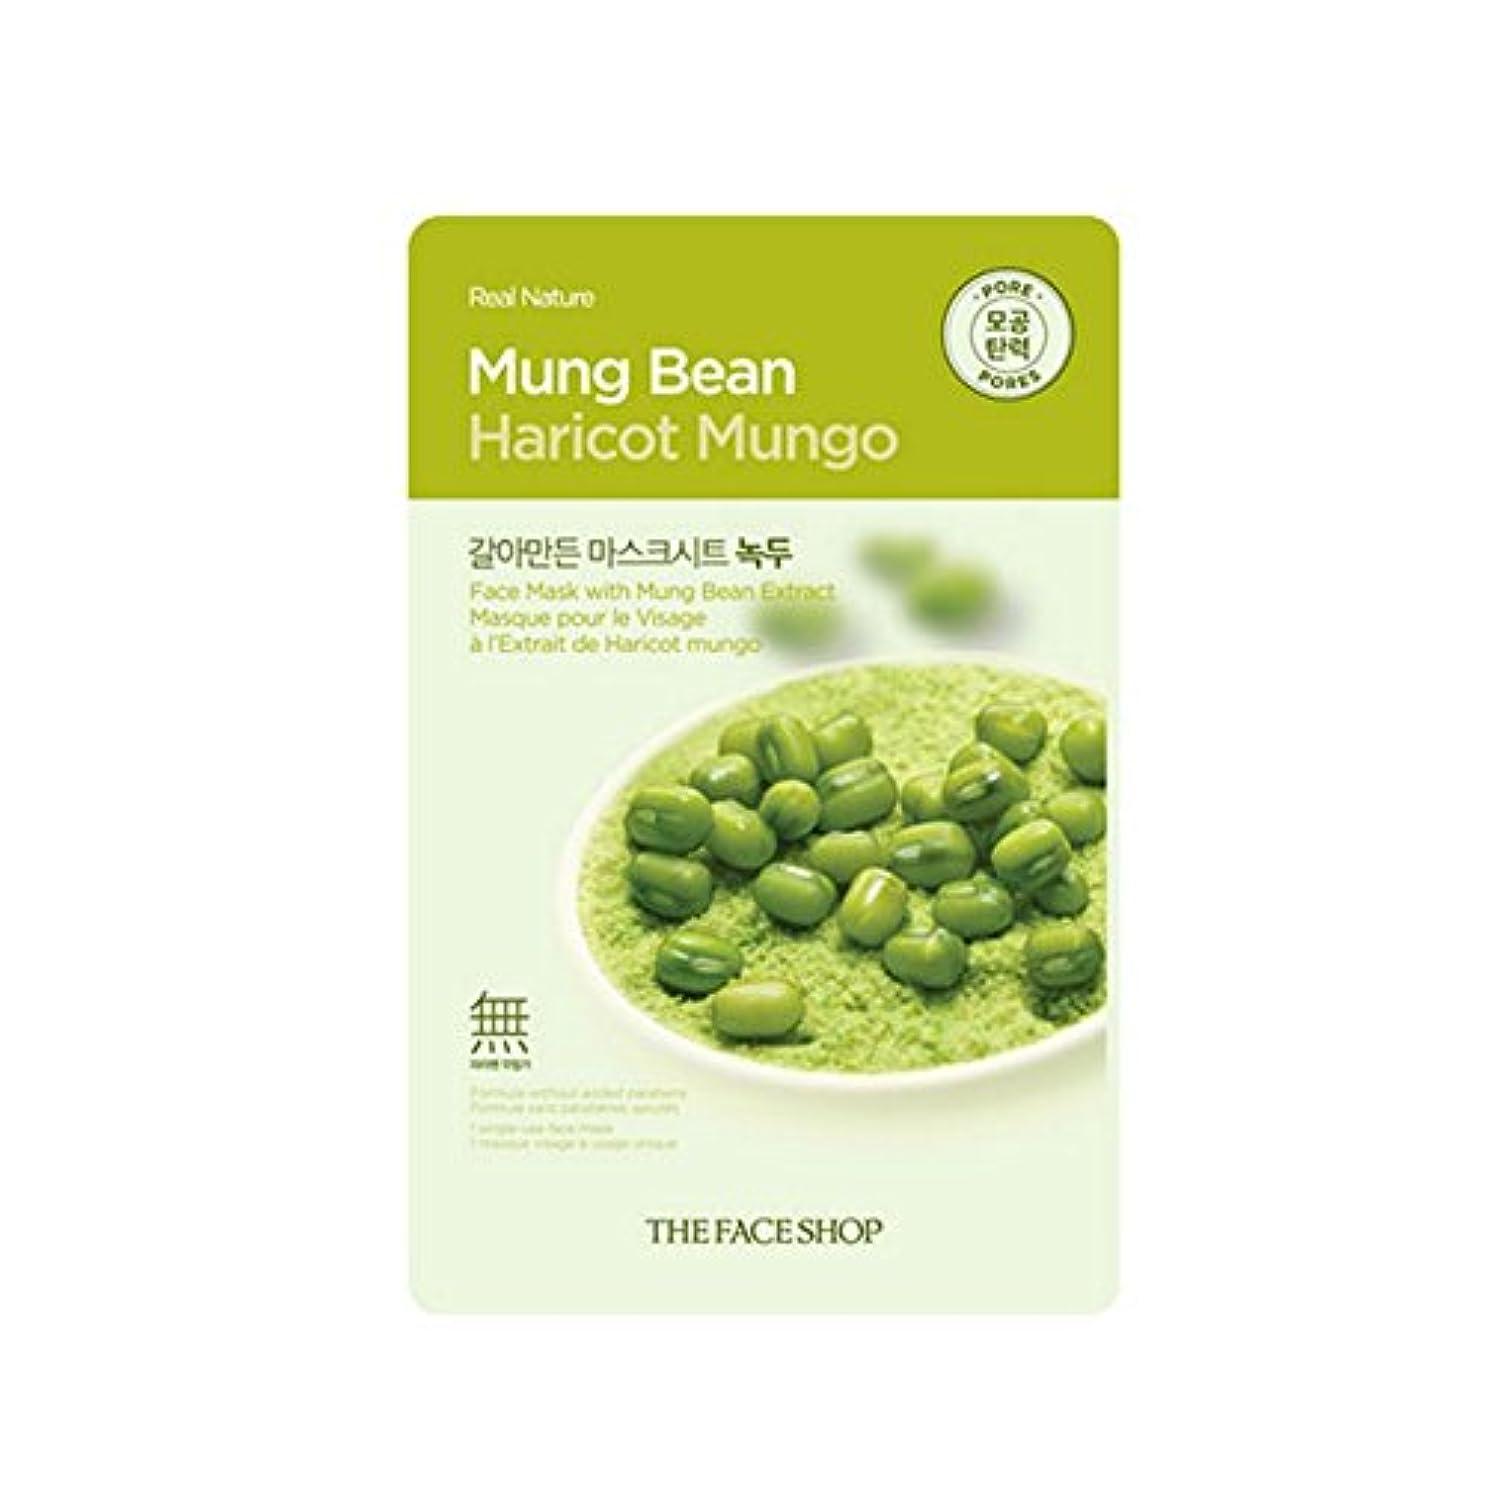 天オデュッセウス世代[The Face Shop] ザフェイスショップ リアルネイチャーマスクシート Real Nature Mask Sheet (Mung Bean (緑豆) 10個) [並行輸入品]